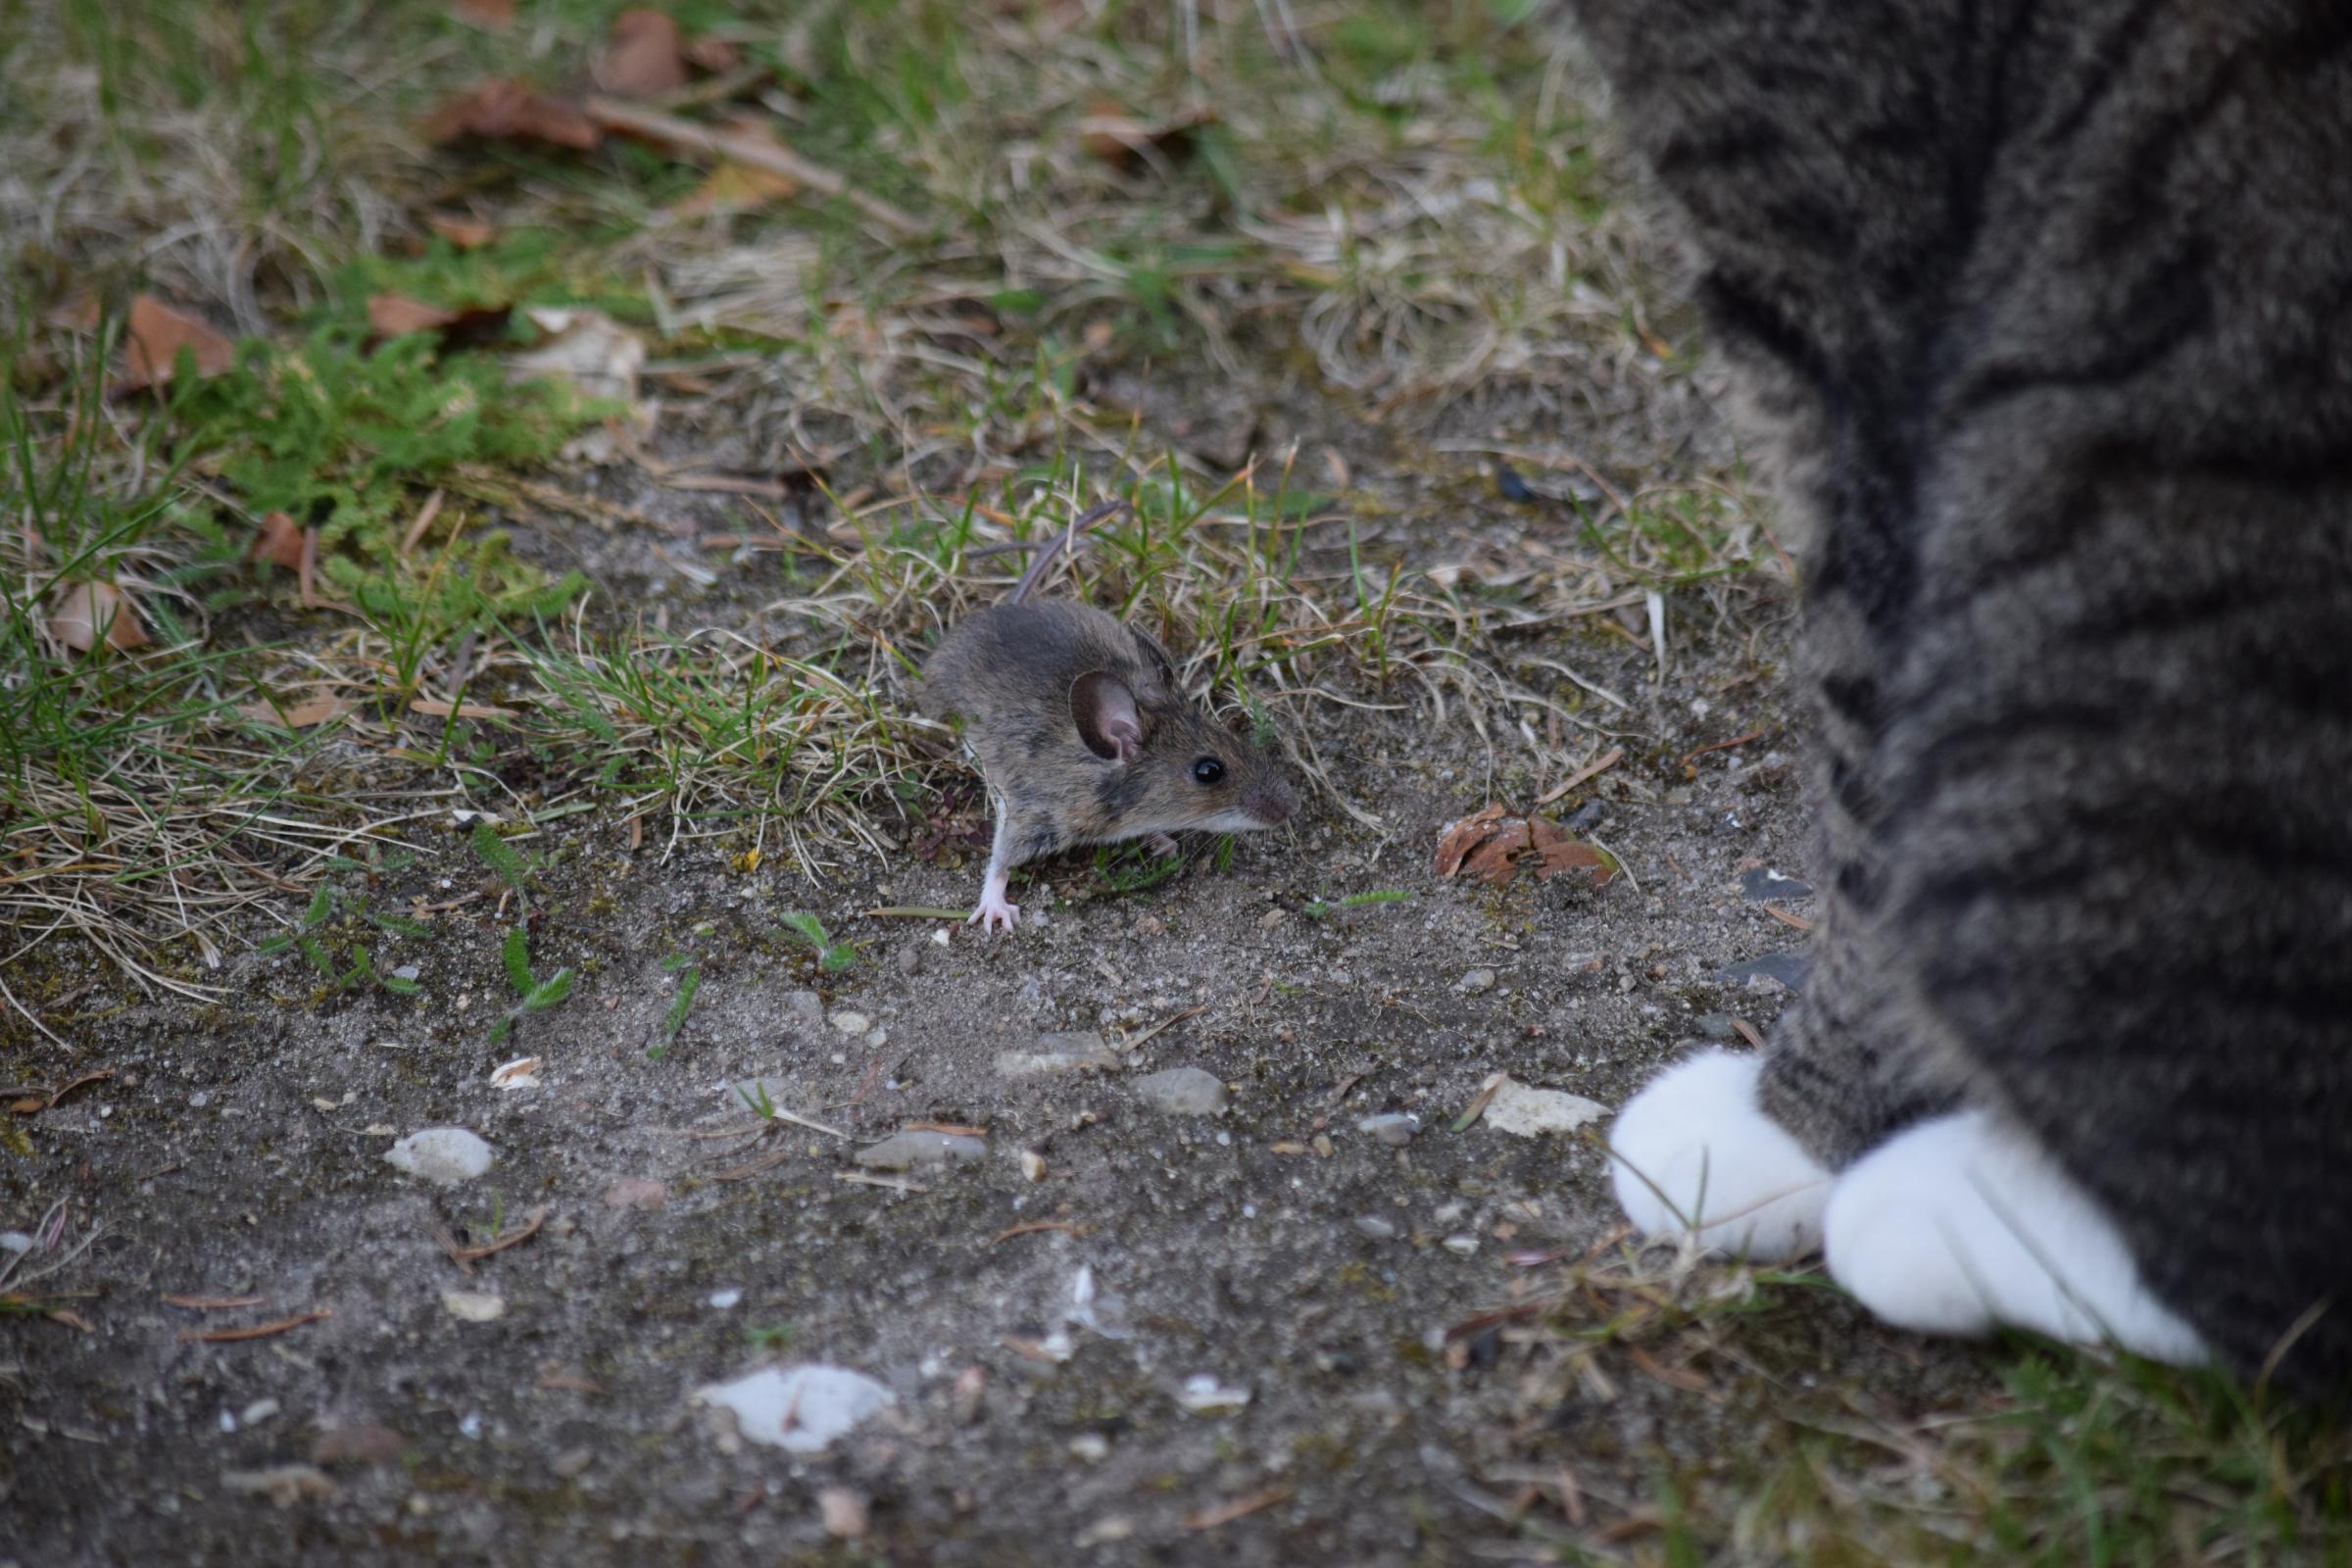 הטפיל גורם לעכברים וחולדות לאבד את הפחד מחתולים, מגדיל את סיכוייהם להיטרף ואת סיכוייו שלו לחזור למעי חתול | צילום: Shutterstock